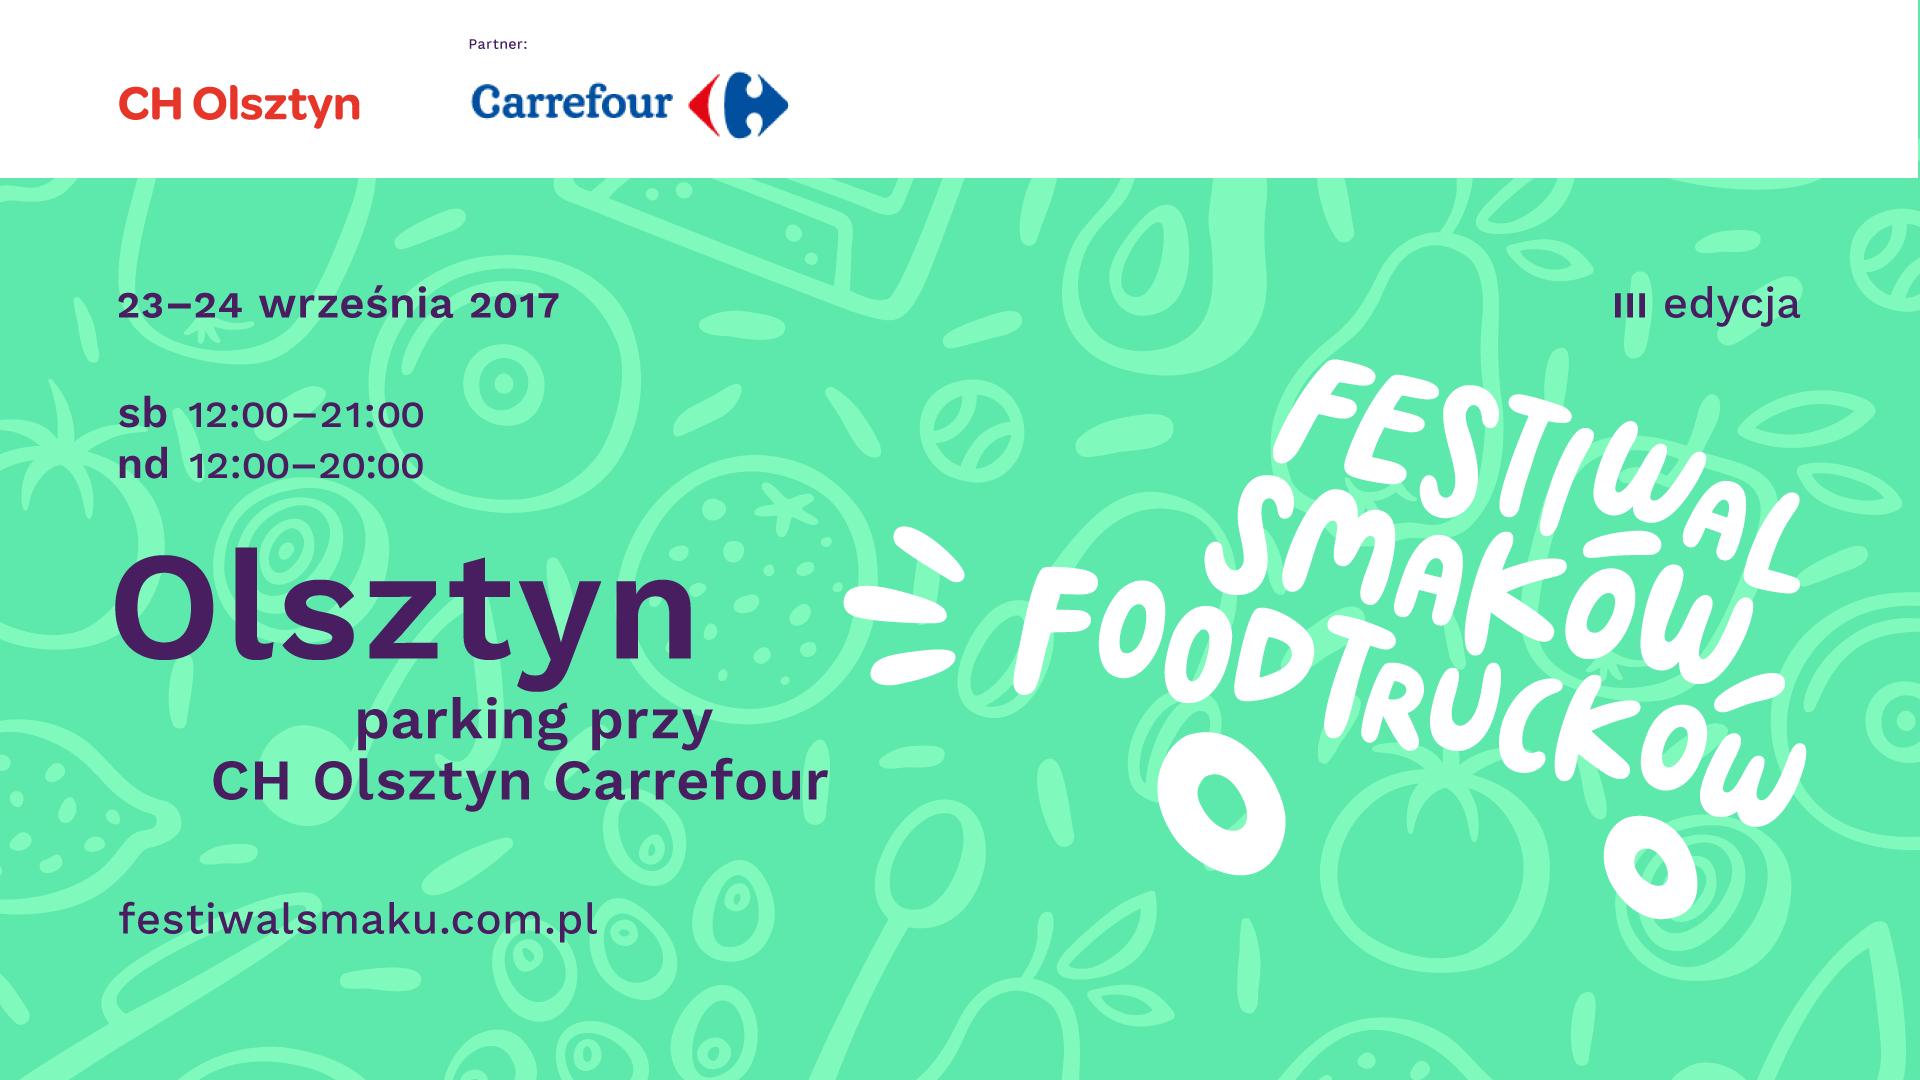 Festiwal Smaków Food Trucków ponownie w Olsztynie!